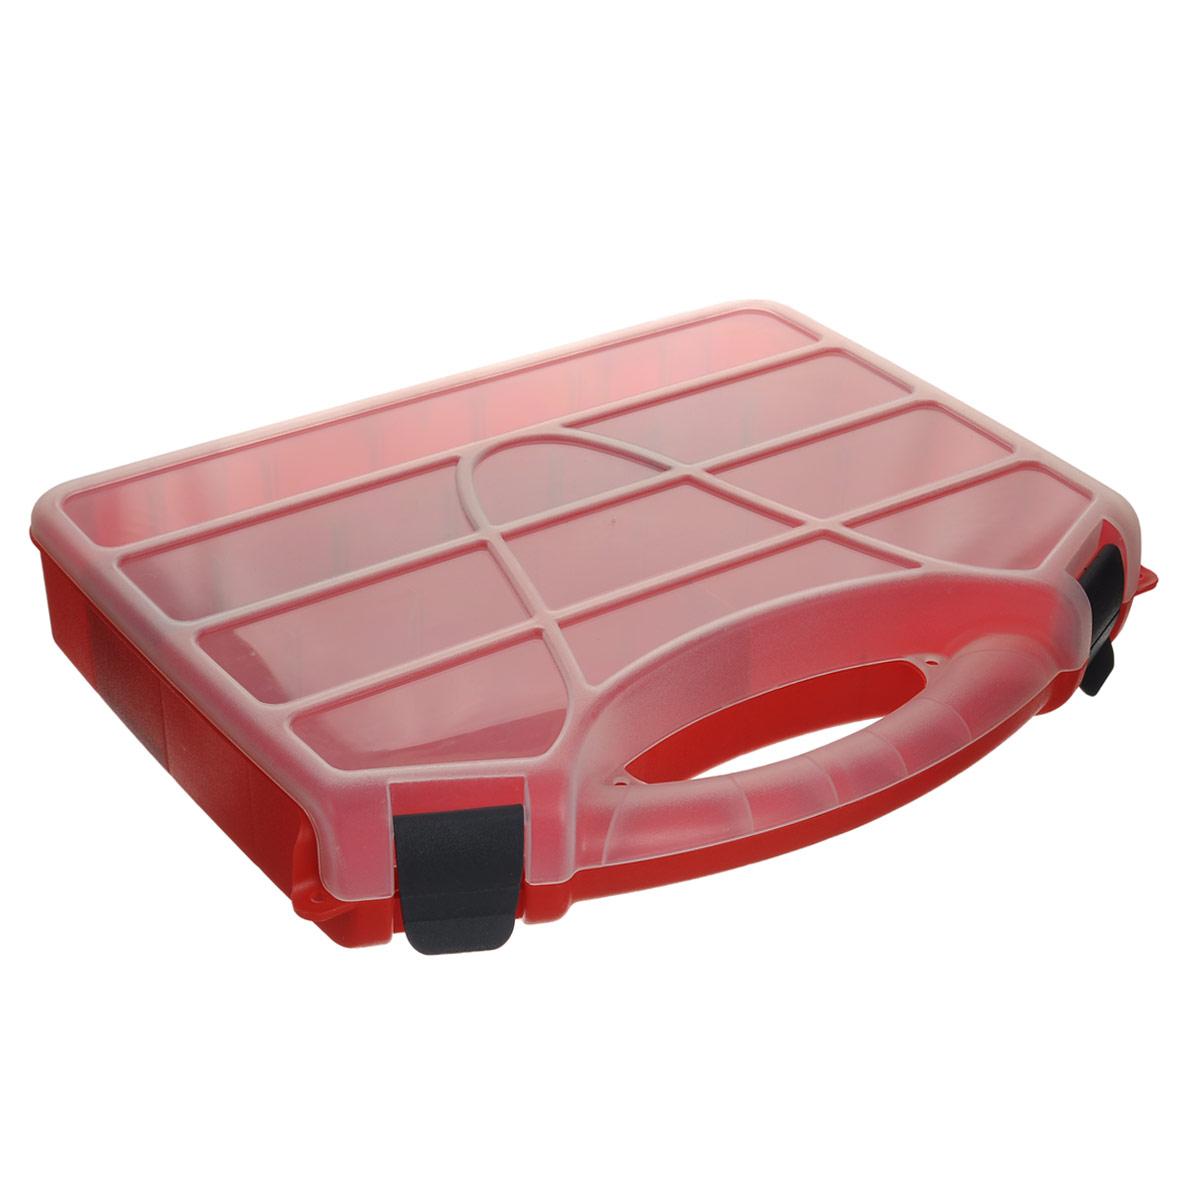 Органайзер Blocker Profi, со съемными перегородками, цвет: красный, 46 см х 35,5 см х 7 см98298130Органайзер Blocker Profi изготовлен из высококачественного прочного пластика и предназначен для хранения и переноски инструментов, рыболовных принадлежностей и различных мелочей. Оснащен 5 большими отделениями, в три из которых можно вставить перегородки. Органайзер надежно закрывается при помощи пластмассовых защелок. Крышка выполнена из прозрачного пластика, что позволяет видеть содержимое.Размер самого большого отделения: 42,5 см х 7 см х 6 см.Размер самого маленького отделения: 6 см х 7 см х 6 см.